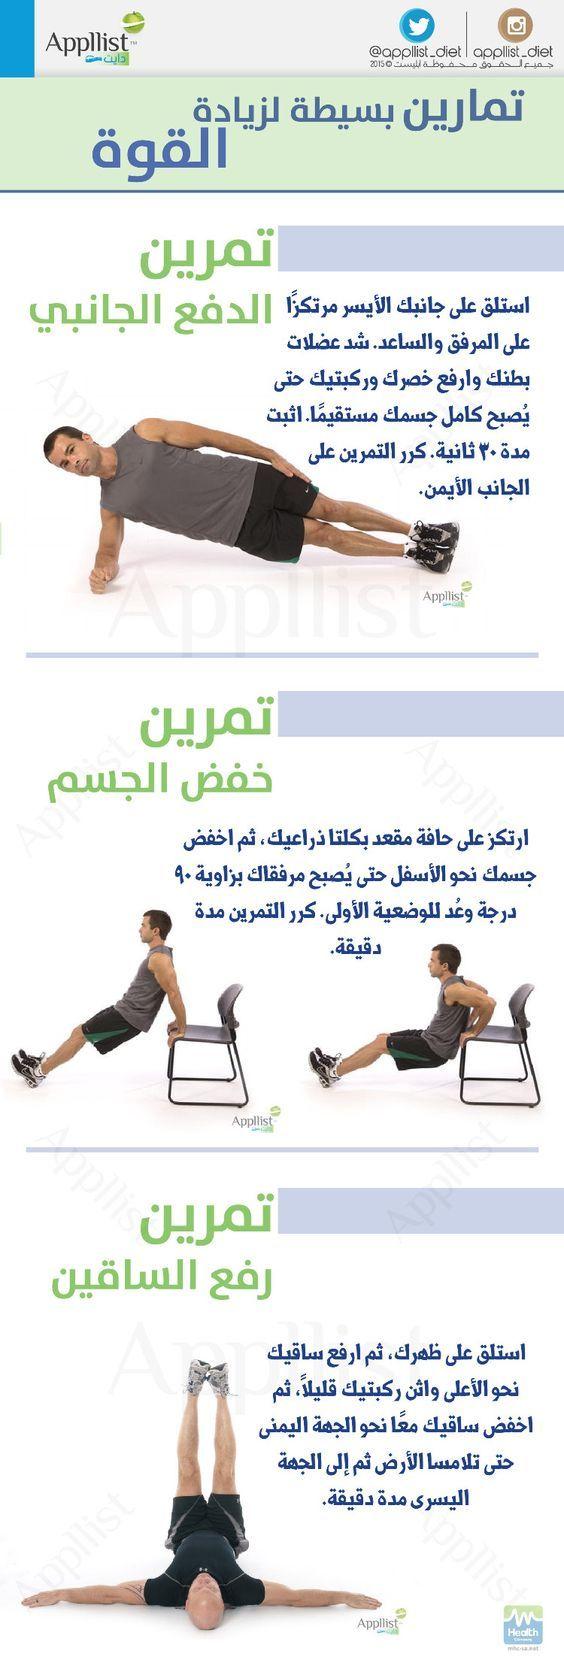 تعرف على تمارين رياضية بسيطة لزيادة قوة جسمك Sports Physical Therapy Workout Routine Fitness Training